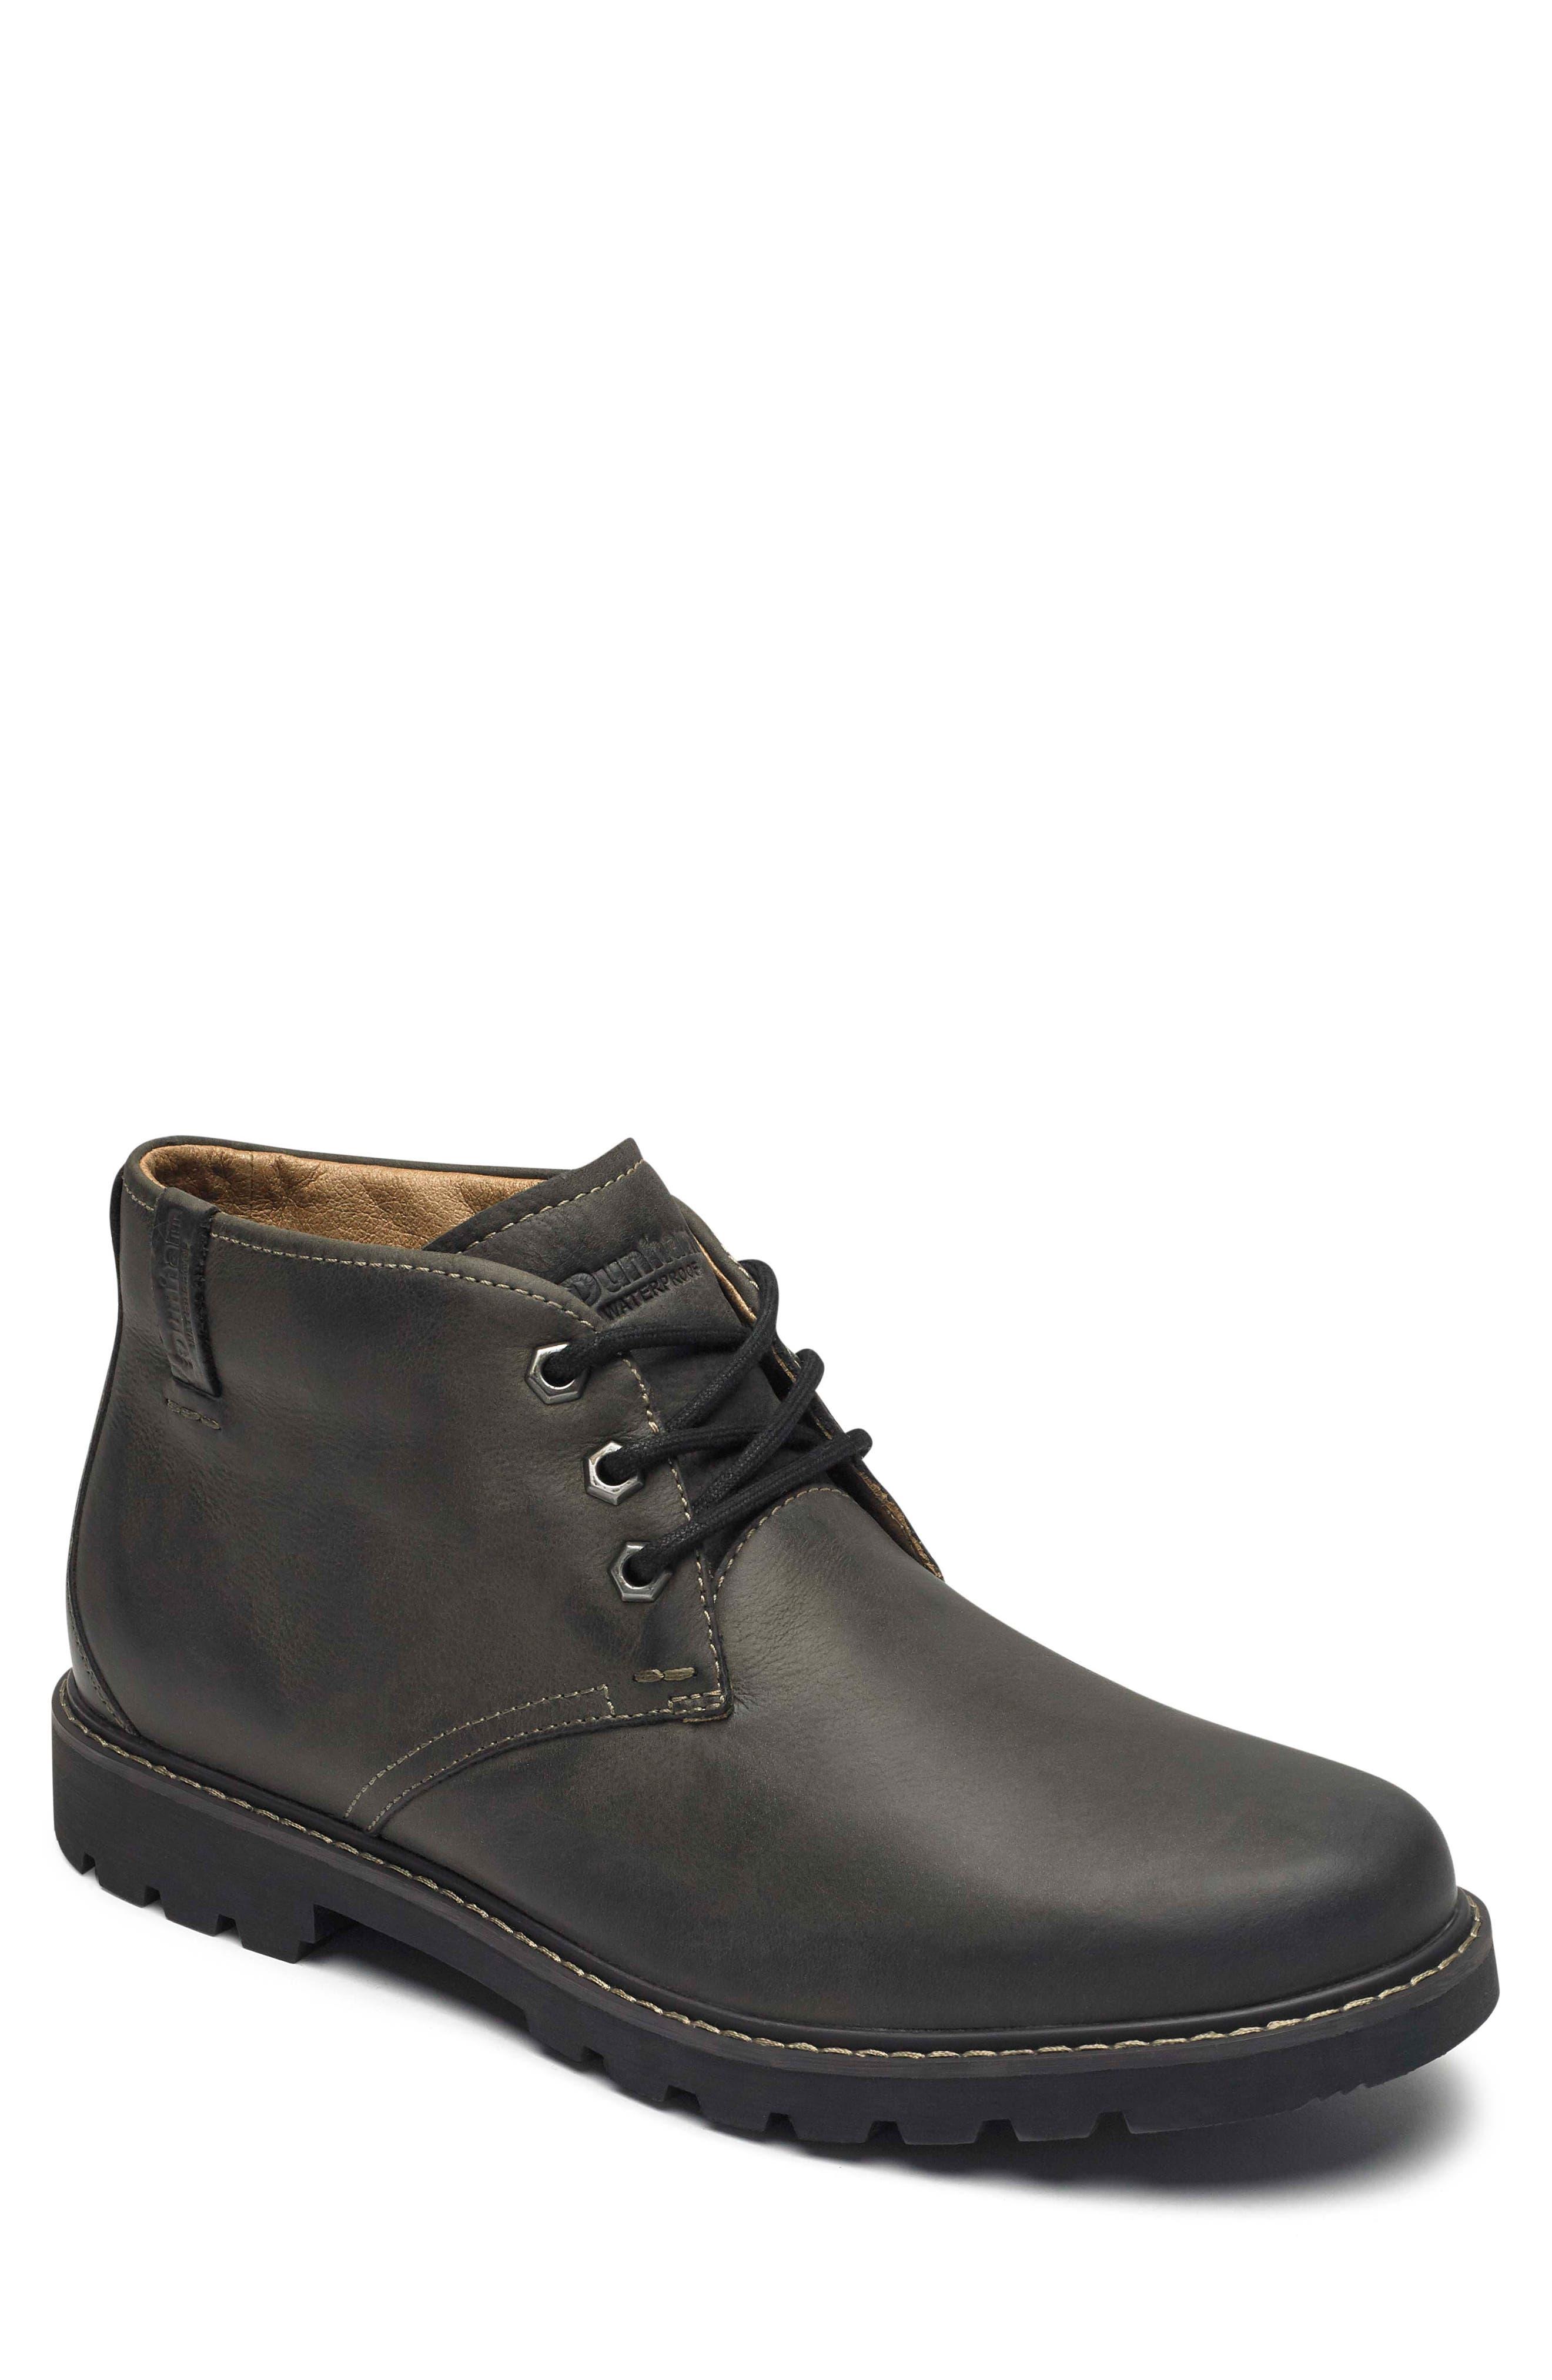 Dunham Royalton Chukka Boot, Grey